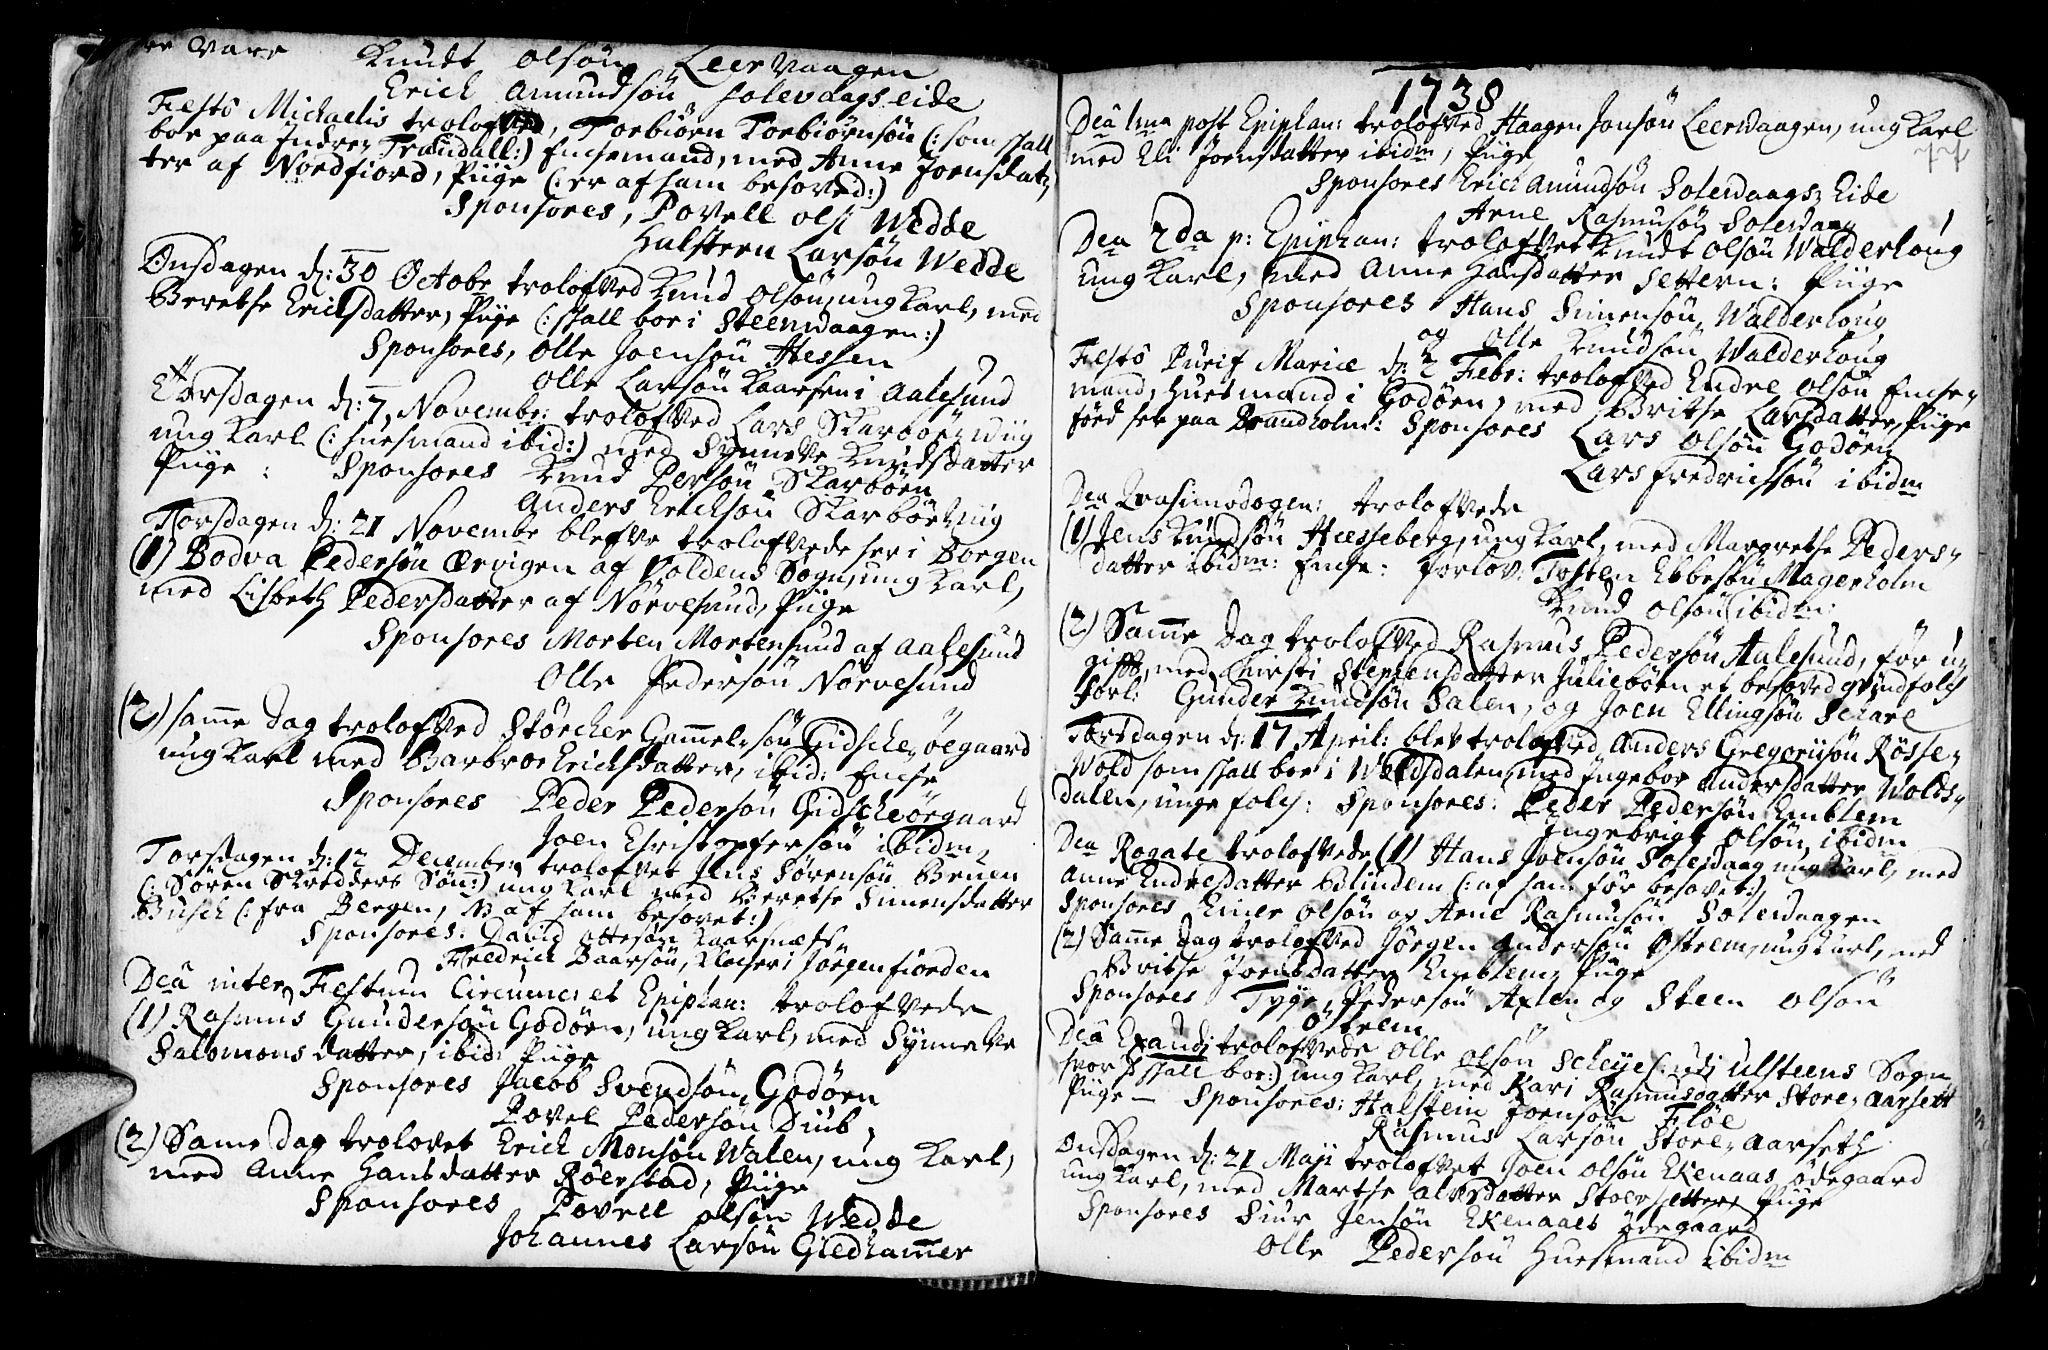 SAT, Ministerialprotokoller, klokkerbøker og fødselsregistre - Møre og Romsdal, 528/L0390: Ministerialbok nr. 528A01, 1698-1739, s. 76-77